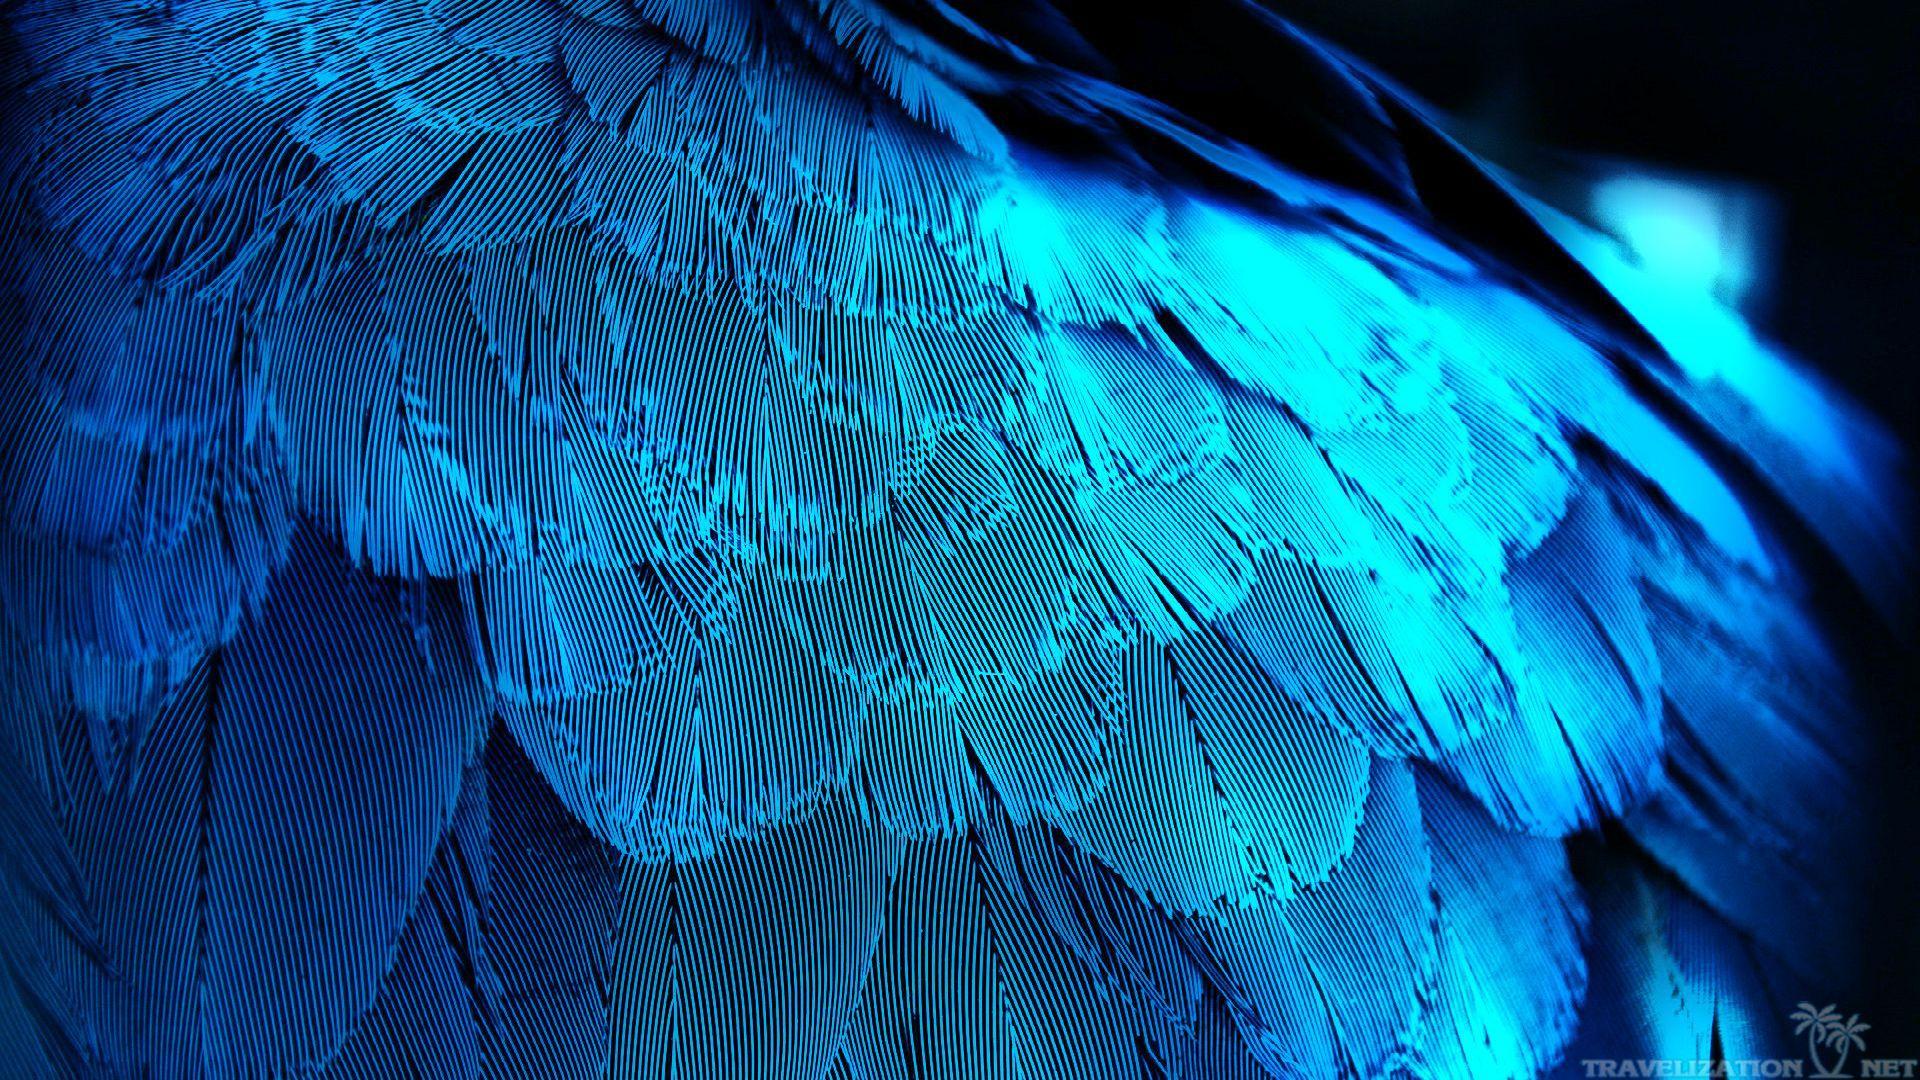 Bird Feather Wallpaper 1920x1080